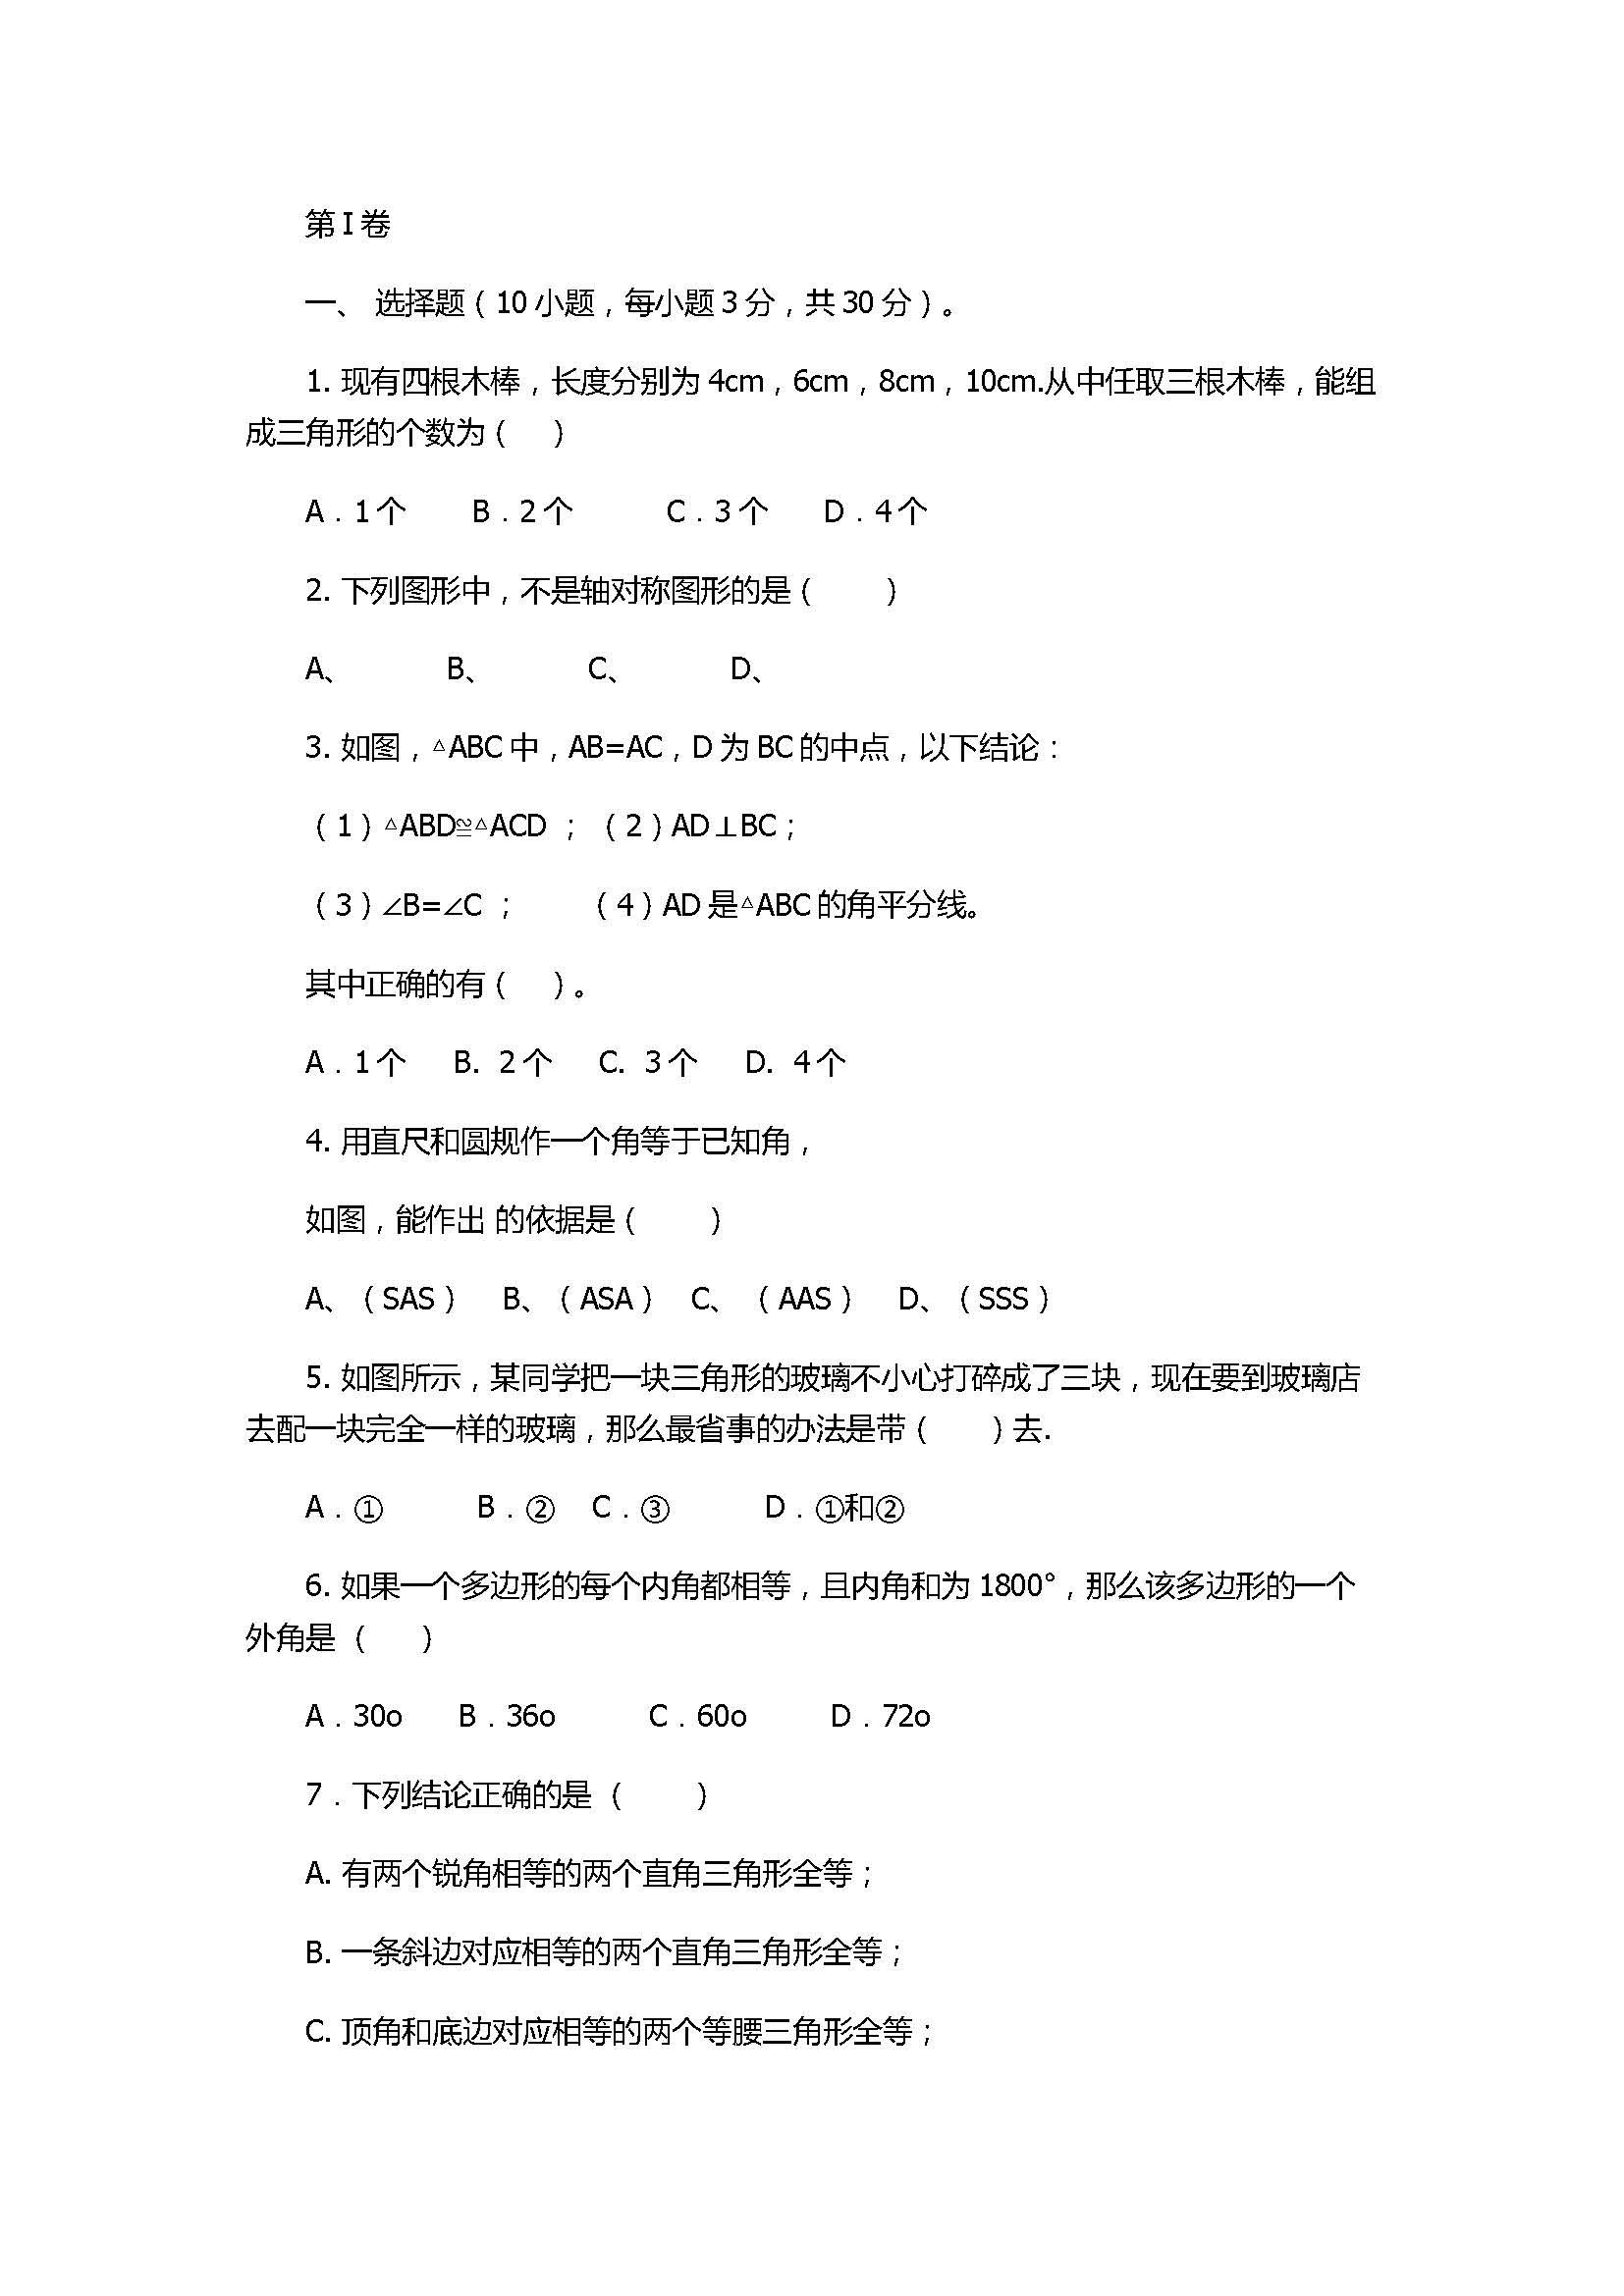 2017八年级数学期中检测试卷附参考答案2(青岛版)